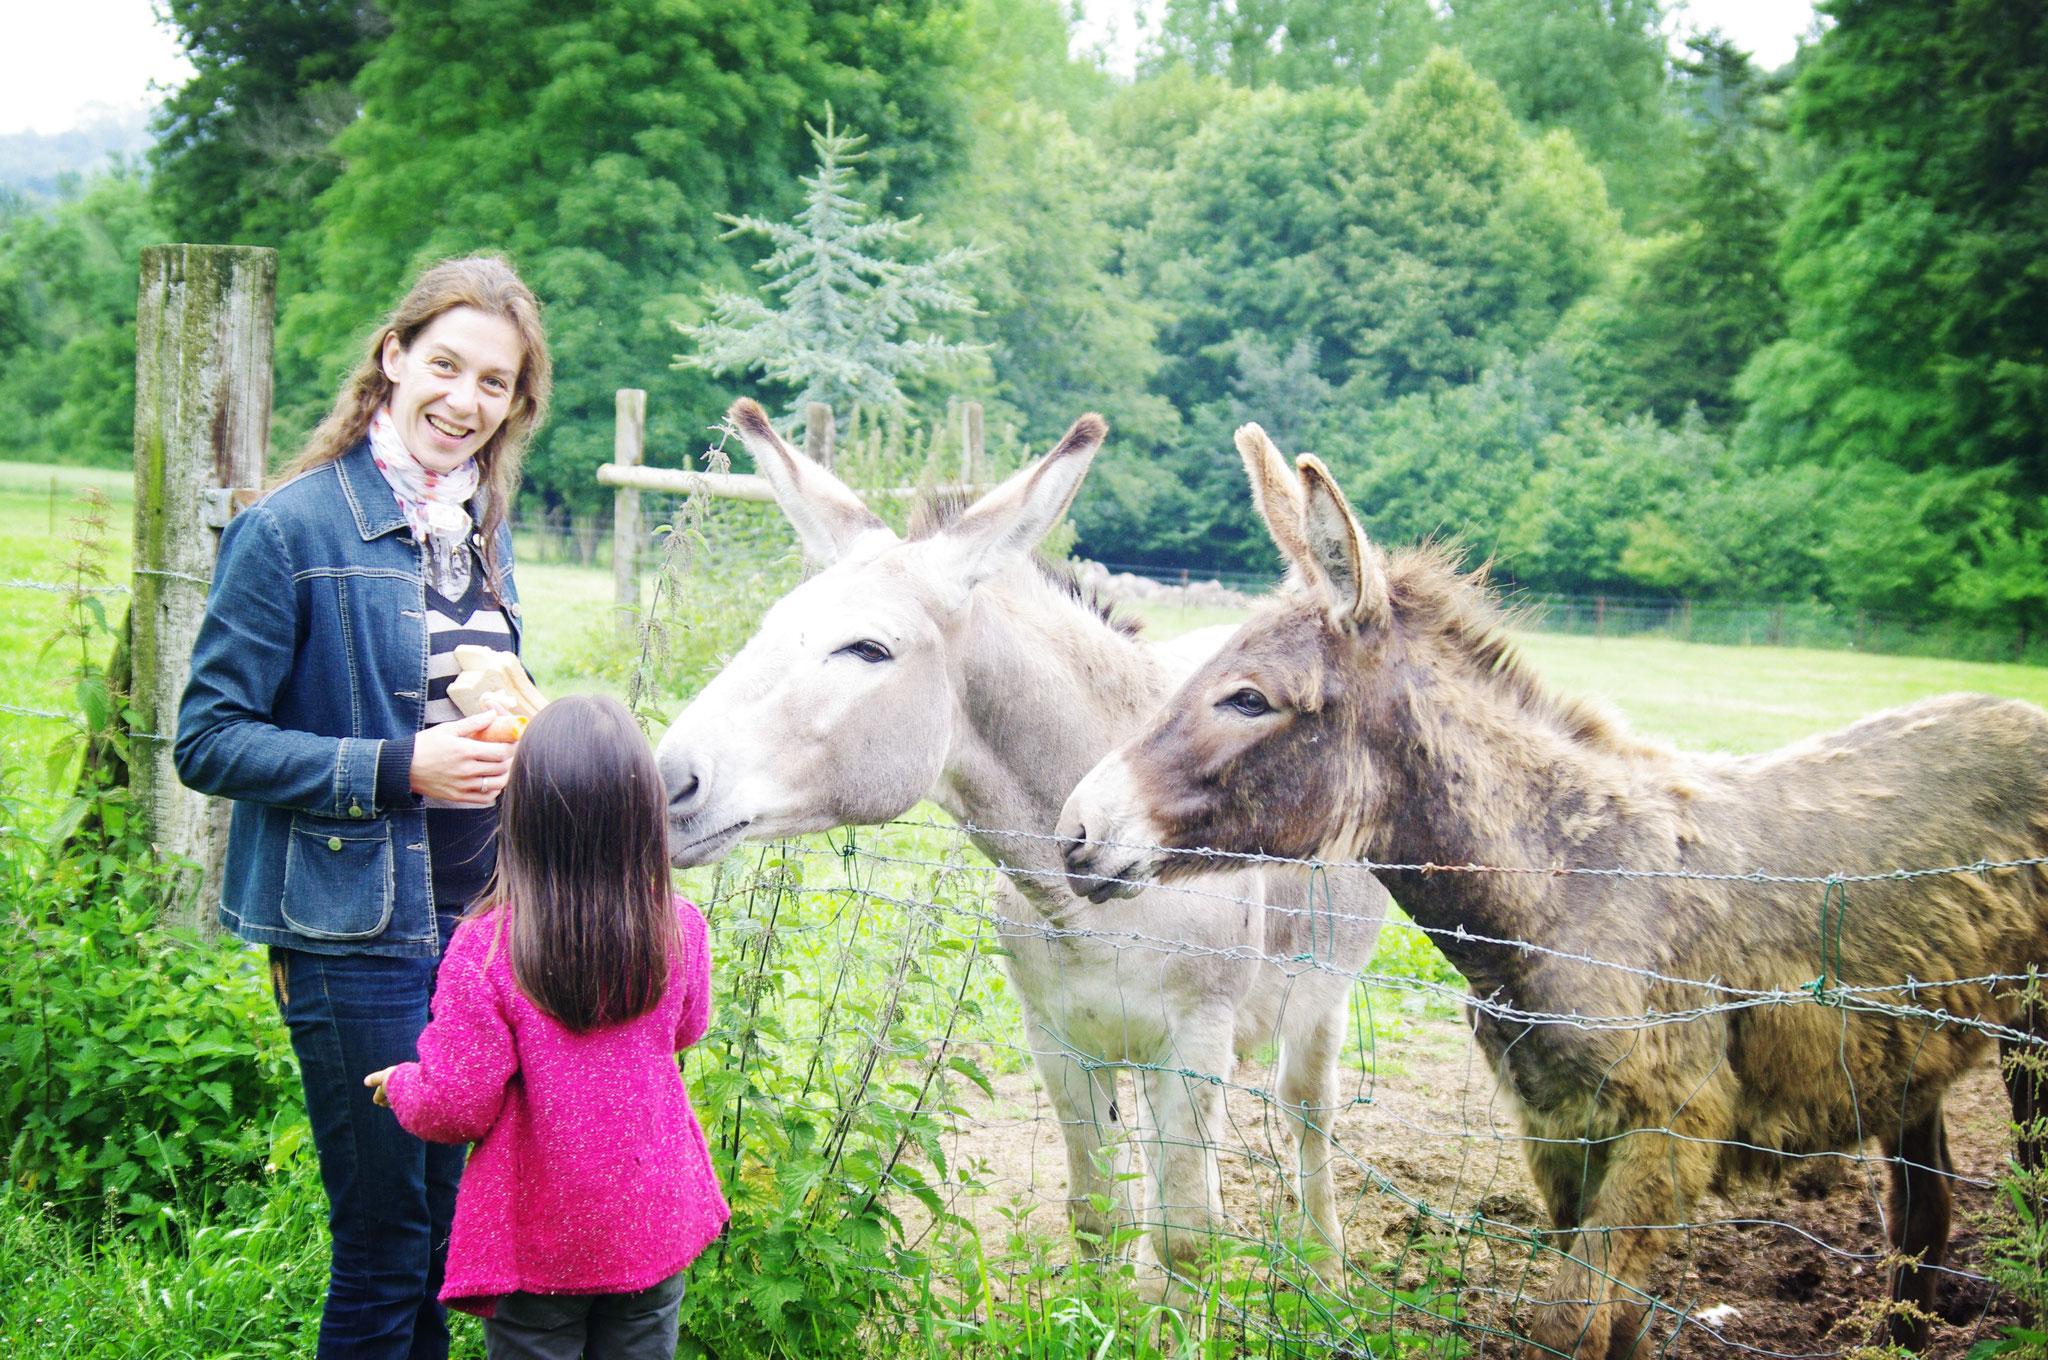 Réserver un séjour insolite avec votre famille dans la nature en Baie de Somme